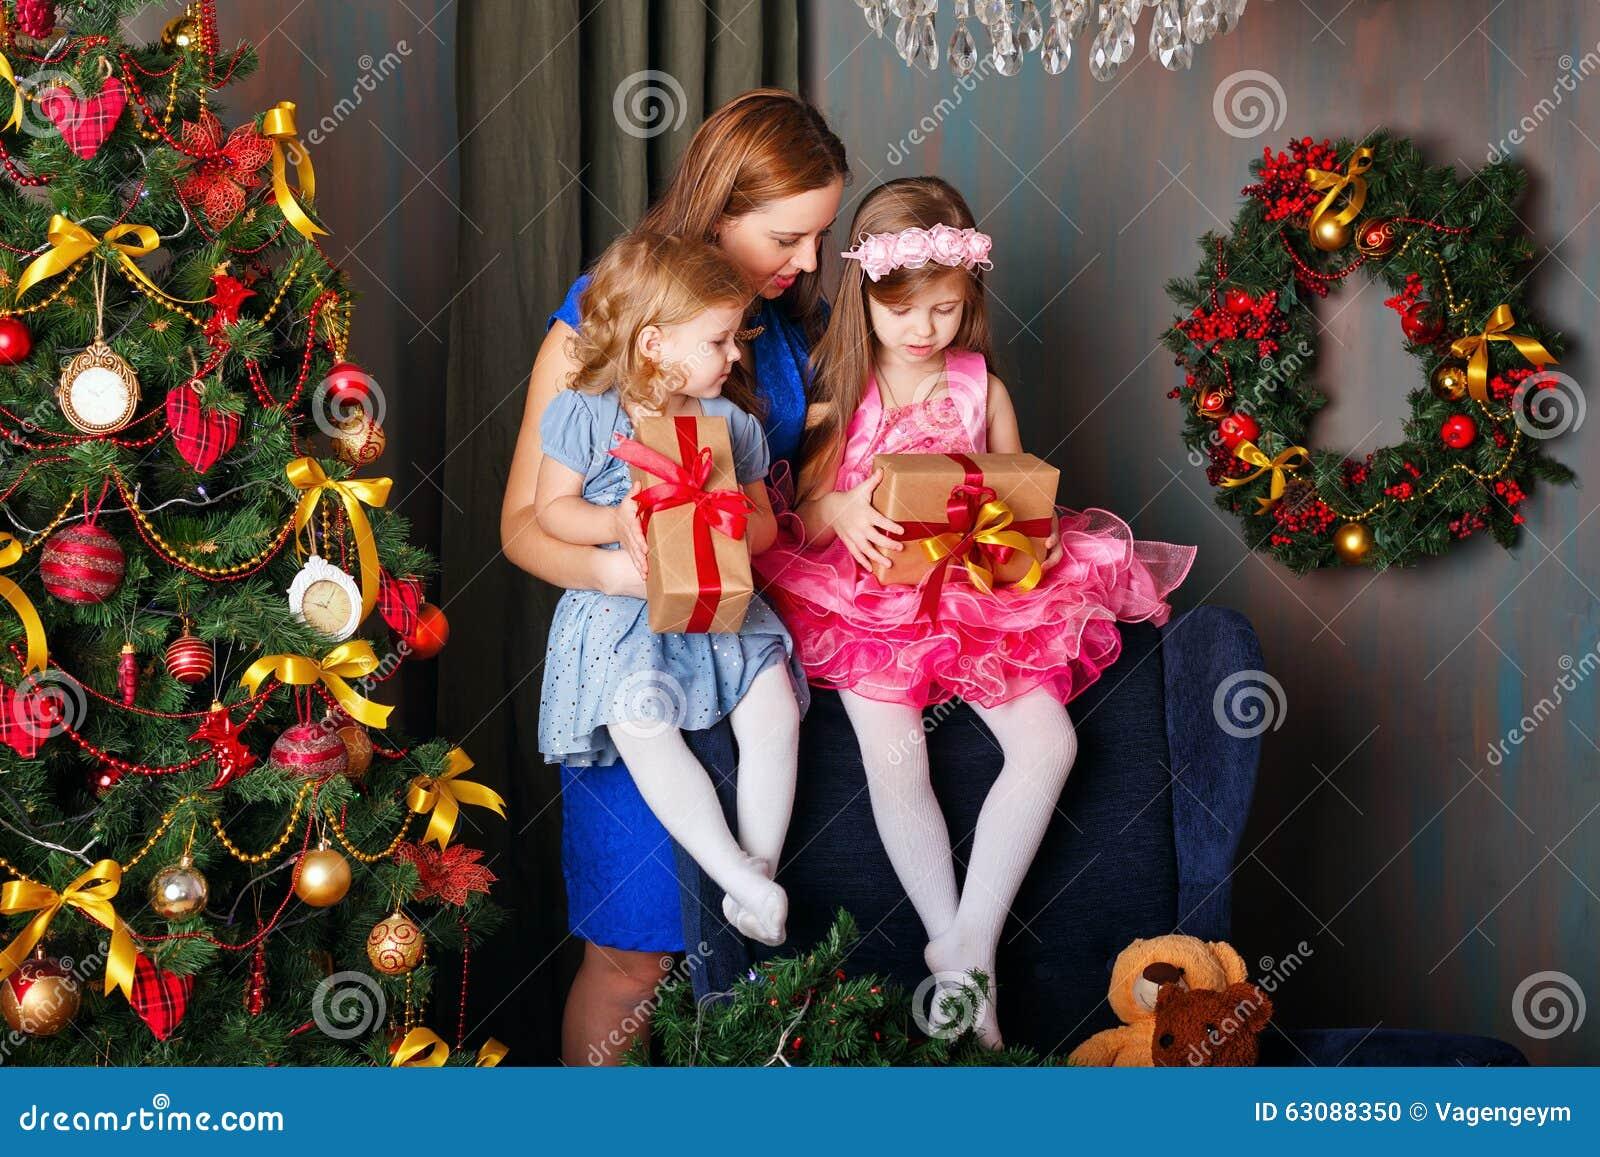 Download La Mère A Donné Des Cadeaux à Deux Filles Photo stock - Image du cadre, humain: 63088350